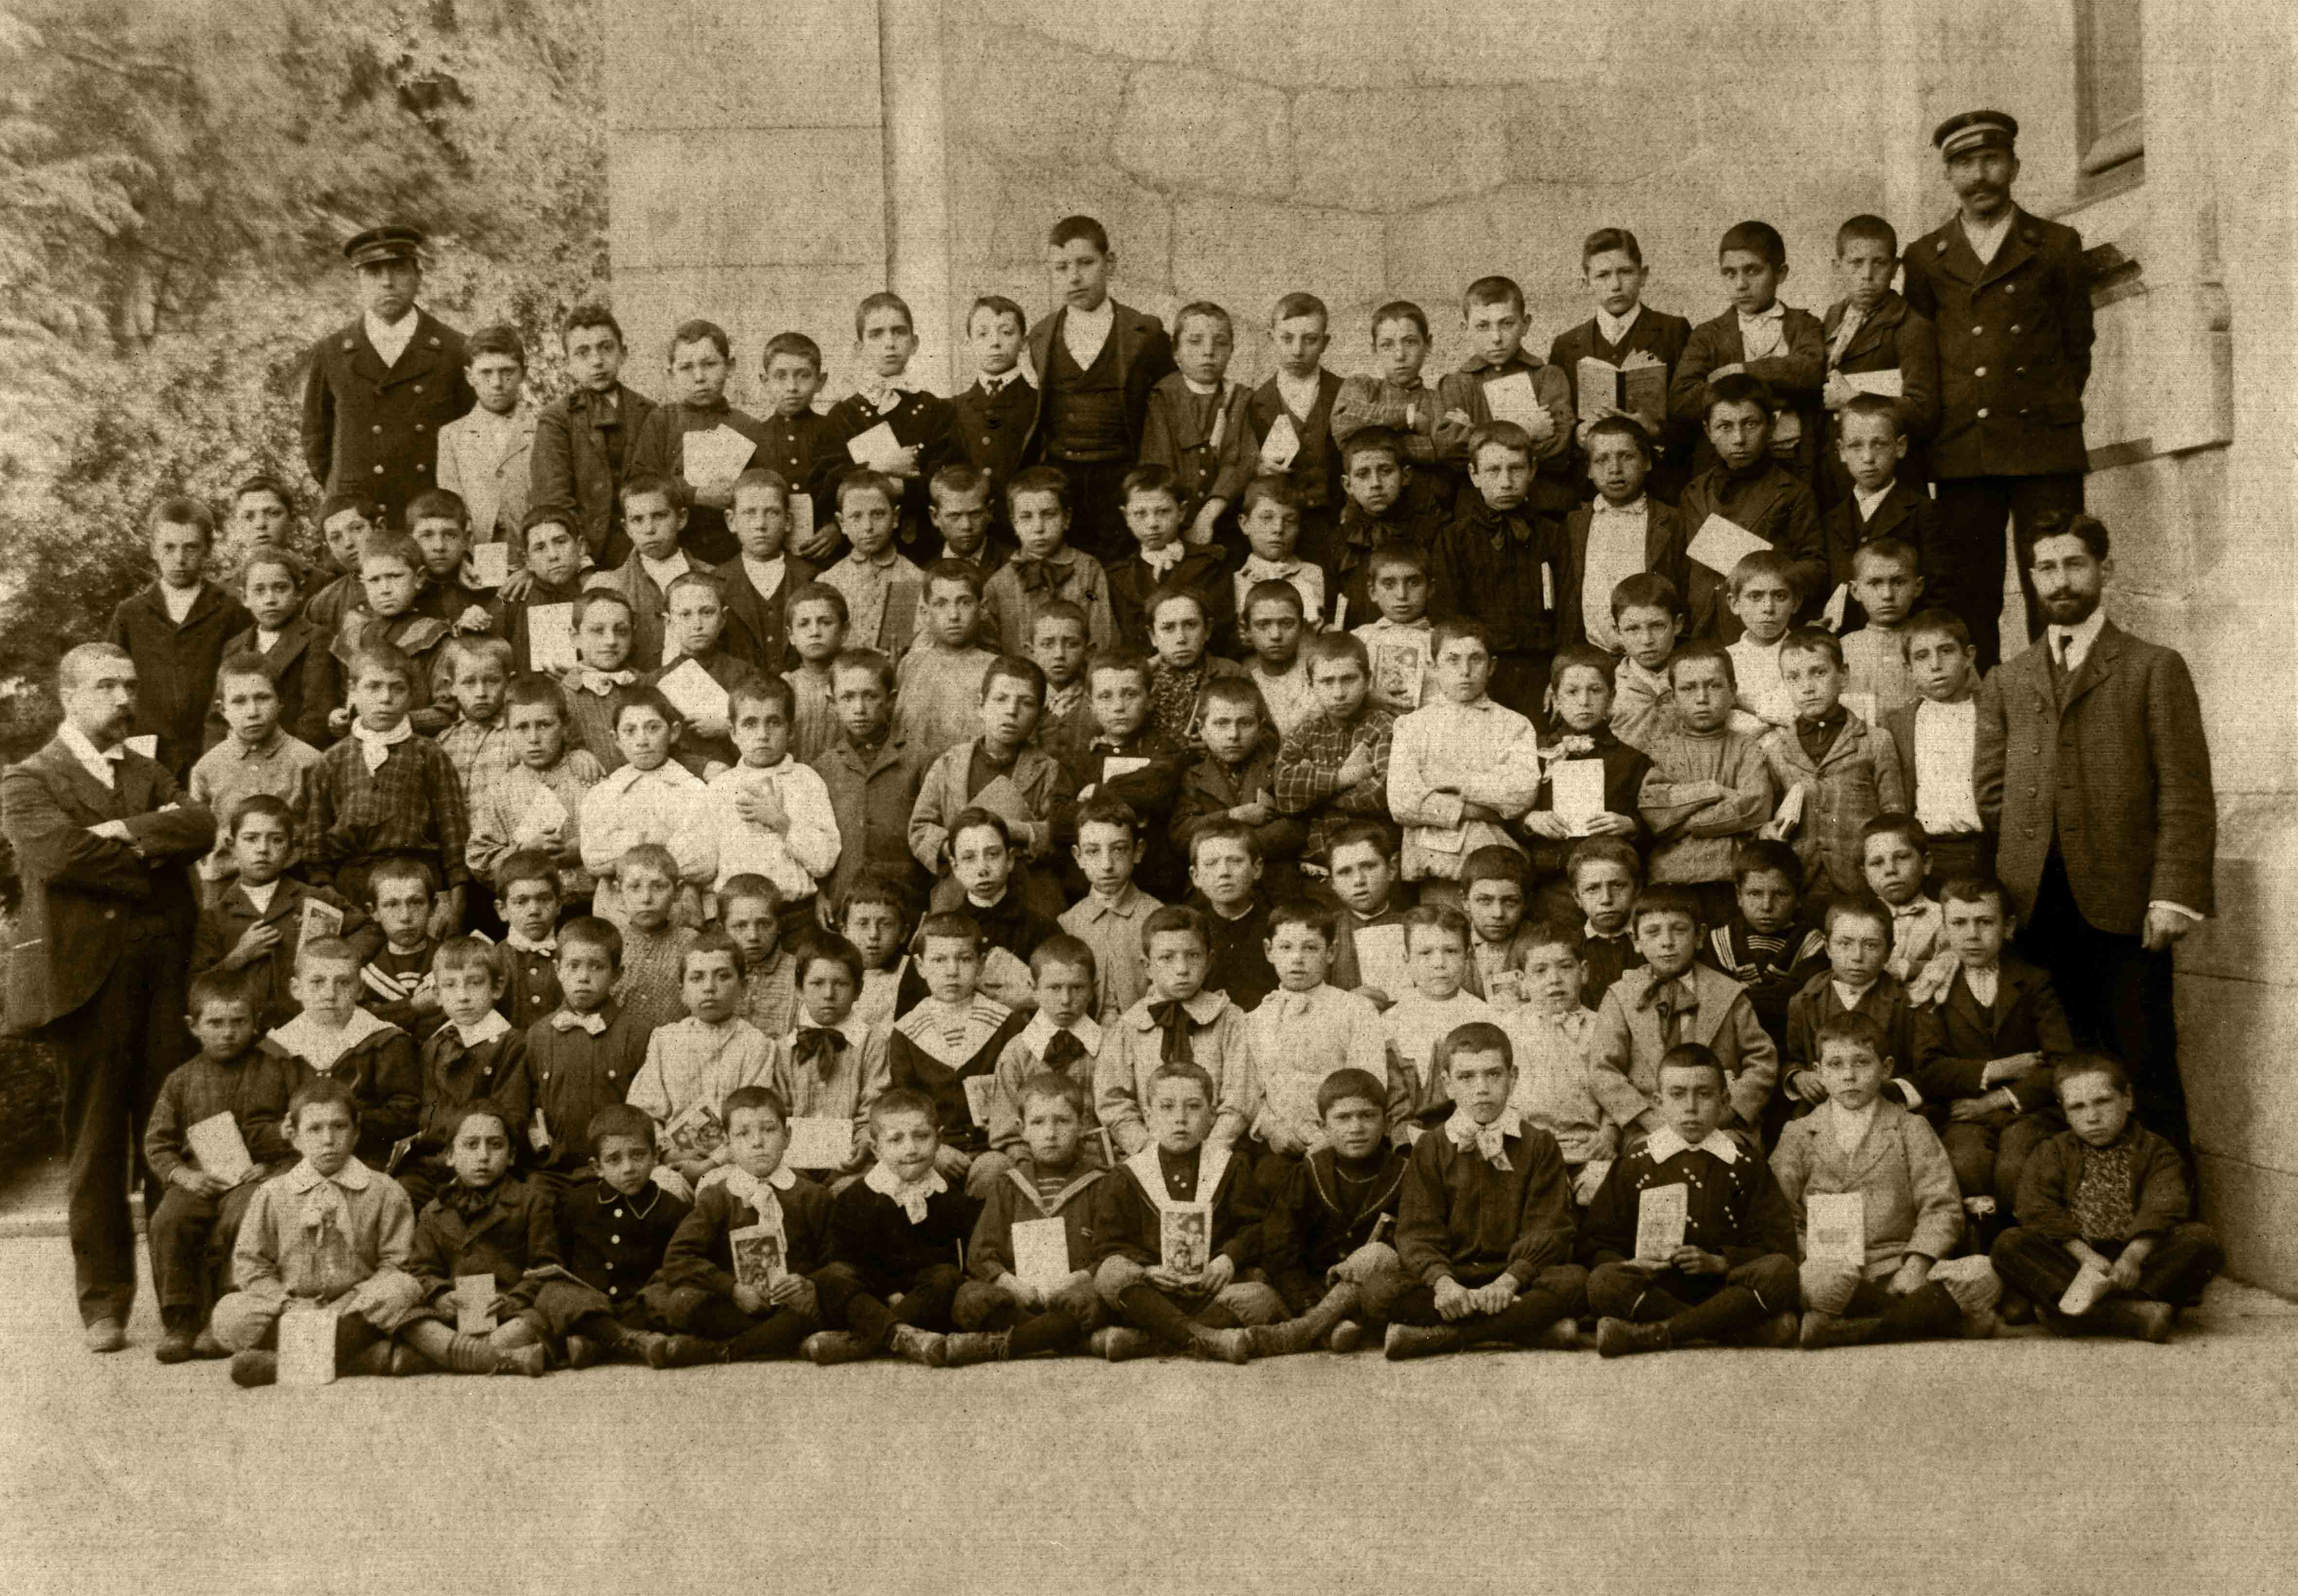 Promoción Escola de Nenos. Ca: 1910 / Promoción Escuela de Niños. Ca: 1910